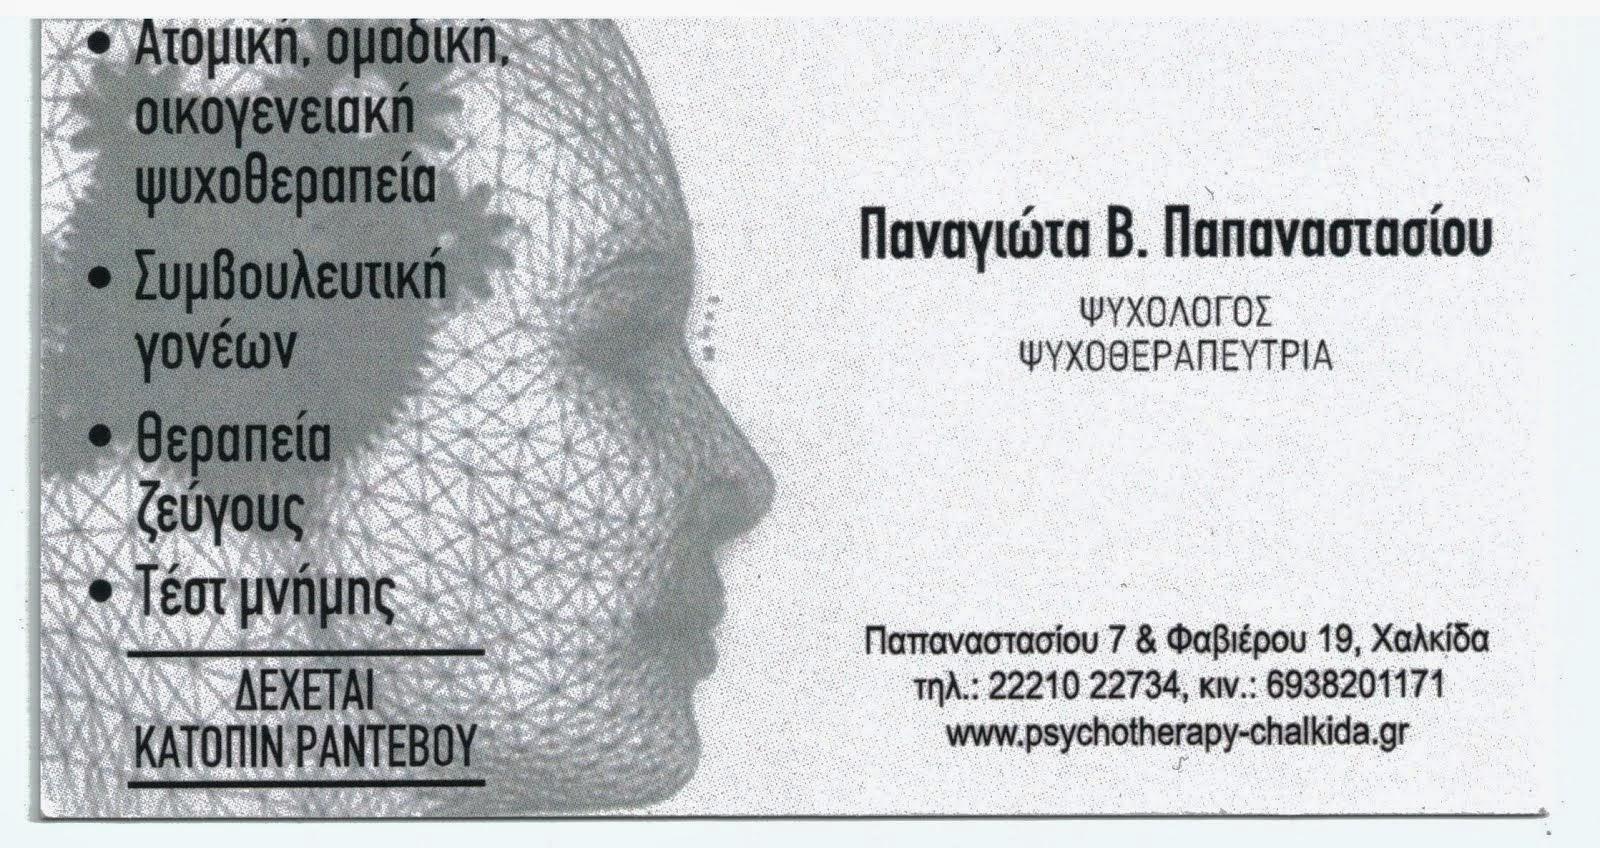 Παναγιώτα Παπαναστασίου: Ψυχολόγος-ψυχοθεραπεύτρια